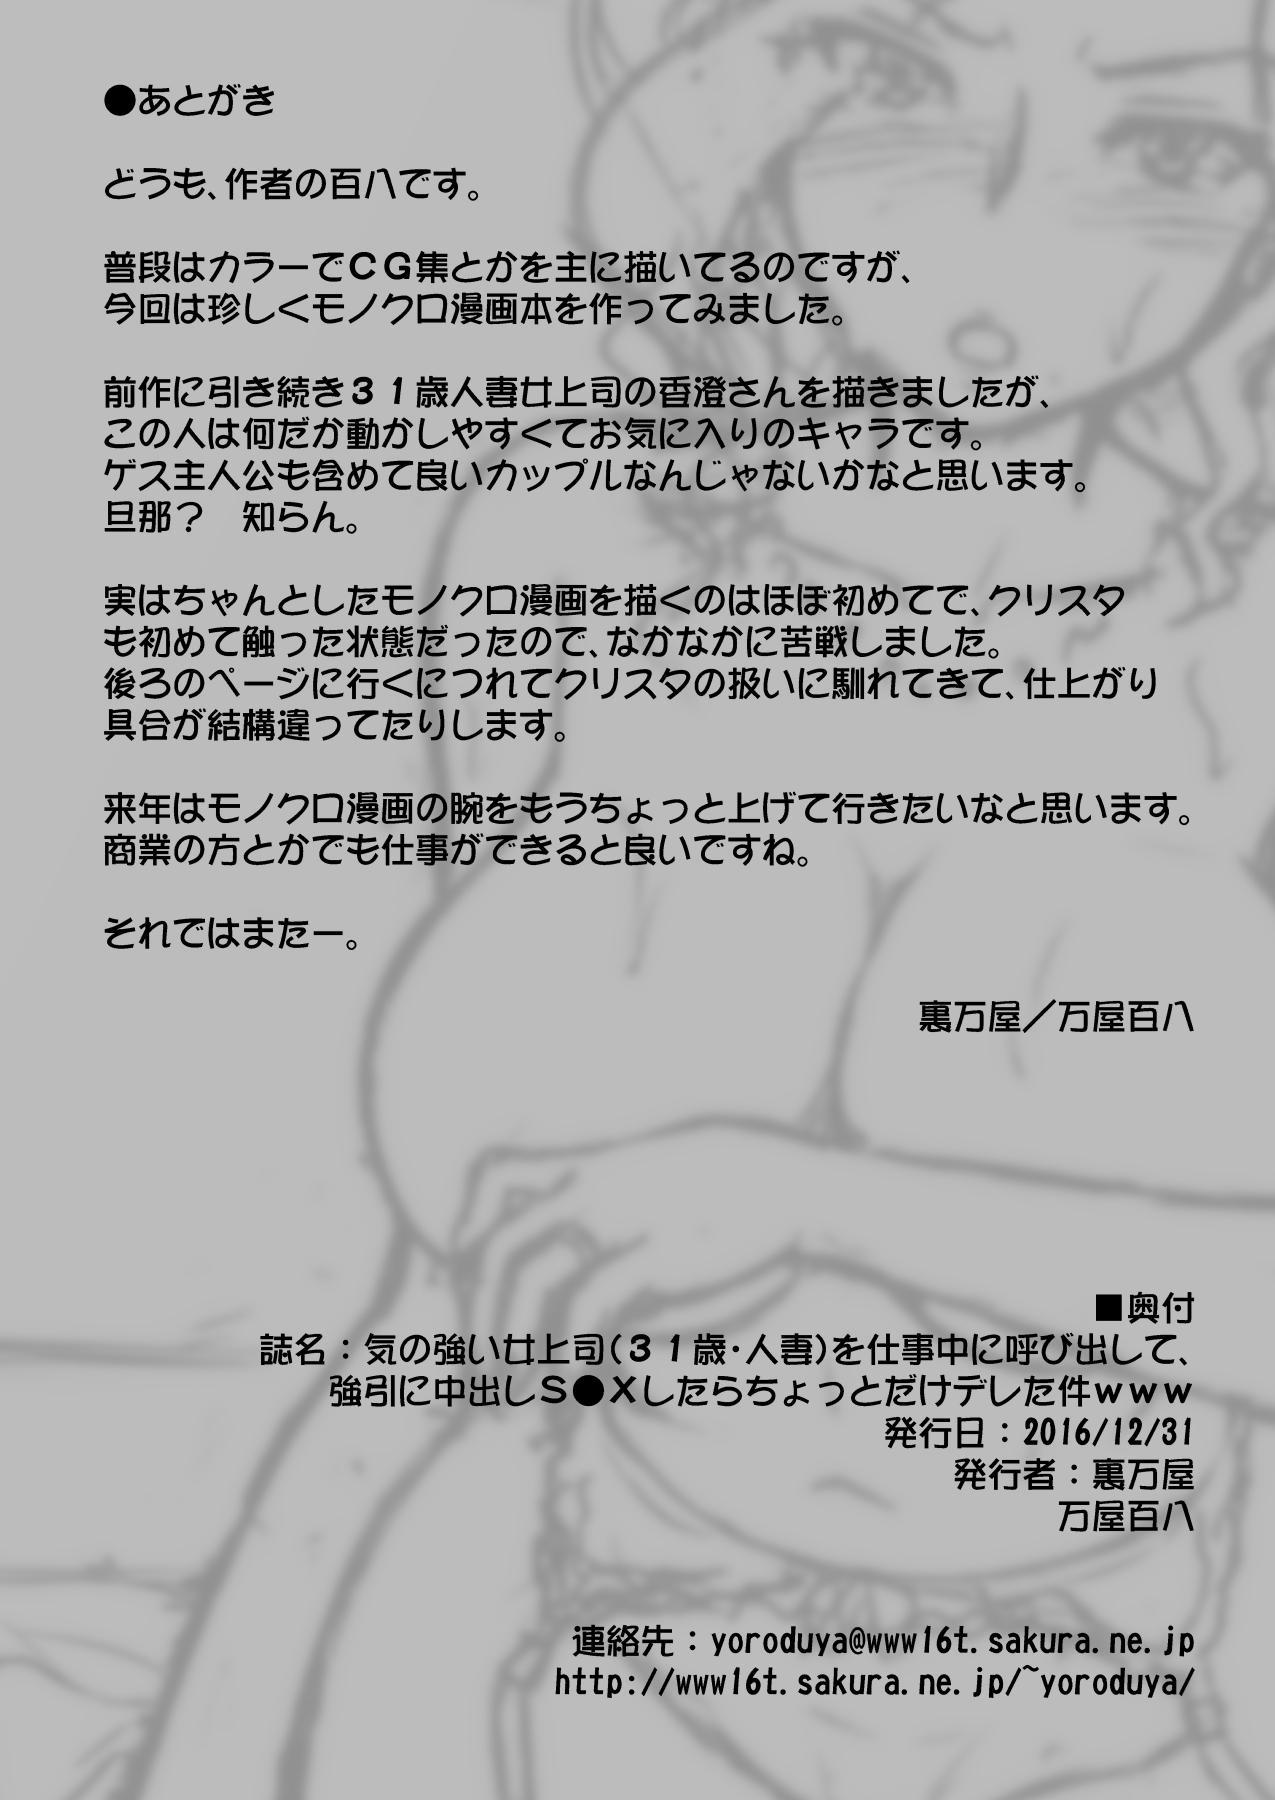 [Urayoroduya (Yoroduya Hyakuhachi)] Ki no Tsuyoi Onna Joushi (31-sai Hitozuma) o Shigotochuu ni Yobidashite, Gouin ni Nakadashi SEX Shitara Chotto dake Dereta Ken www [Digital] 23